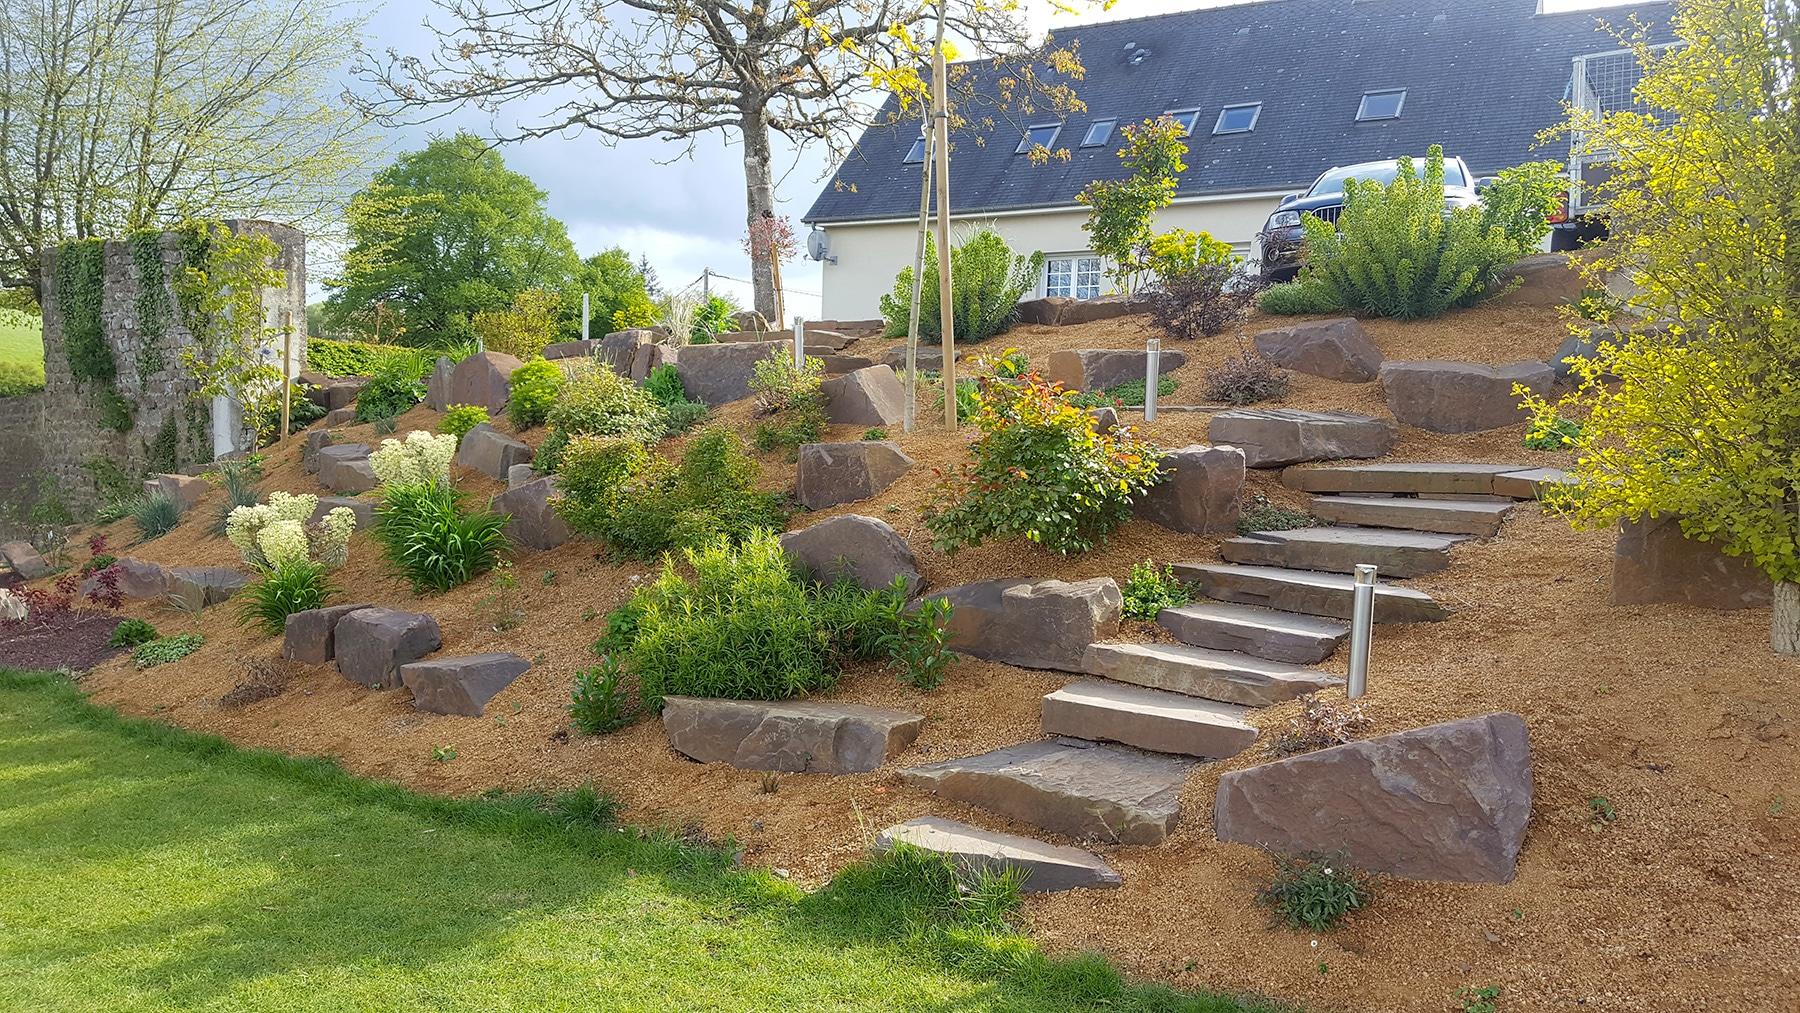 Rocaille De Jardin - Plante De Rocaille | Paysages Conseil avec Comment Faire Son Jardin Paysager